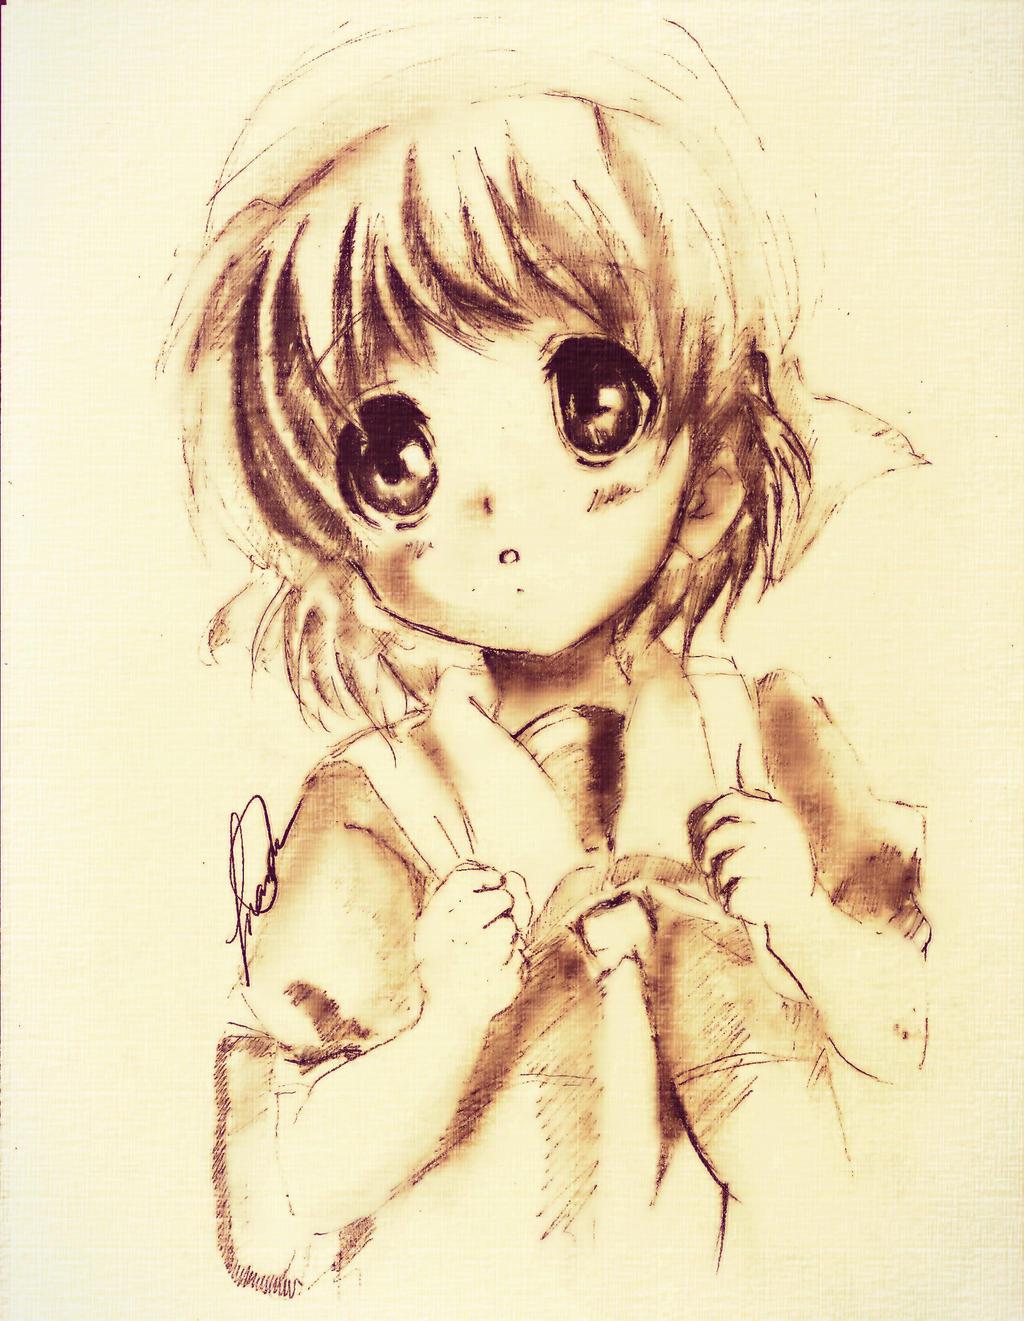 Ushio From Clannad by MaryM8D